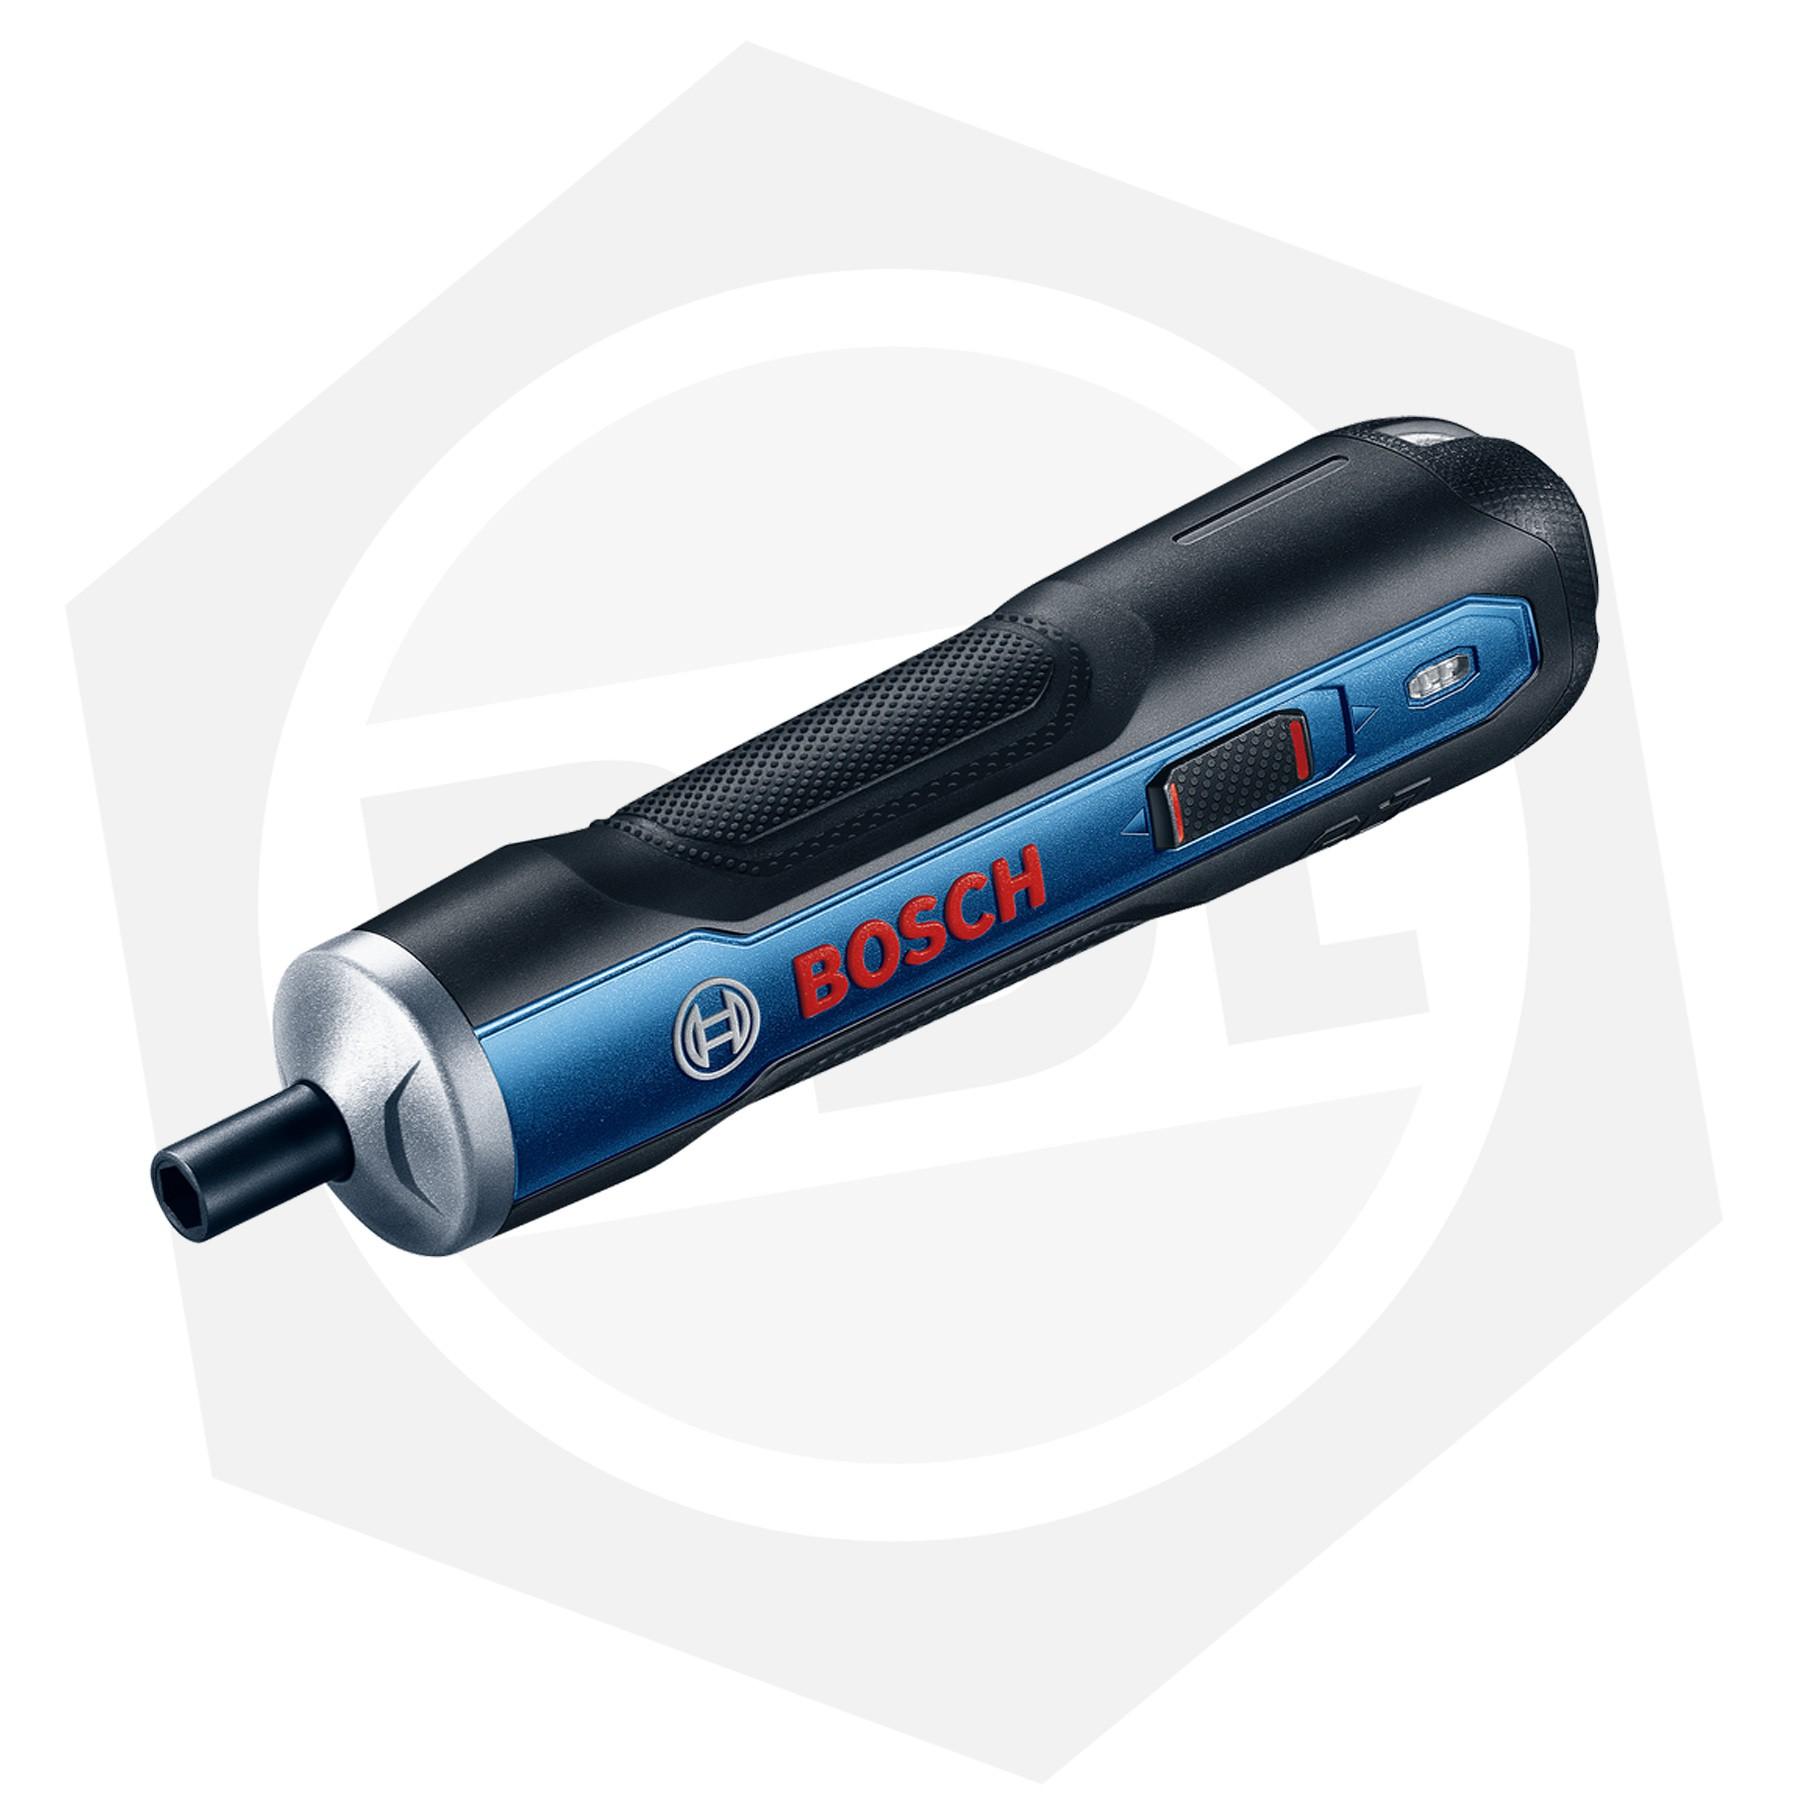 OFERTA - Atornillador Bosch GO. Batería Litio - 3.6 V